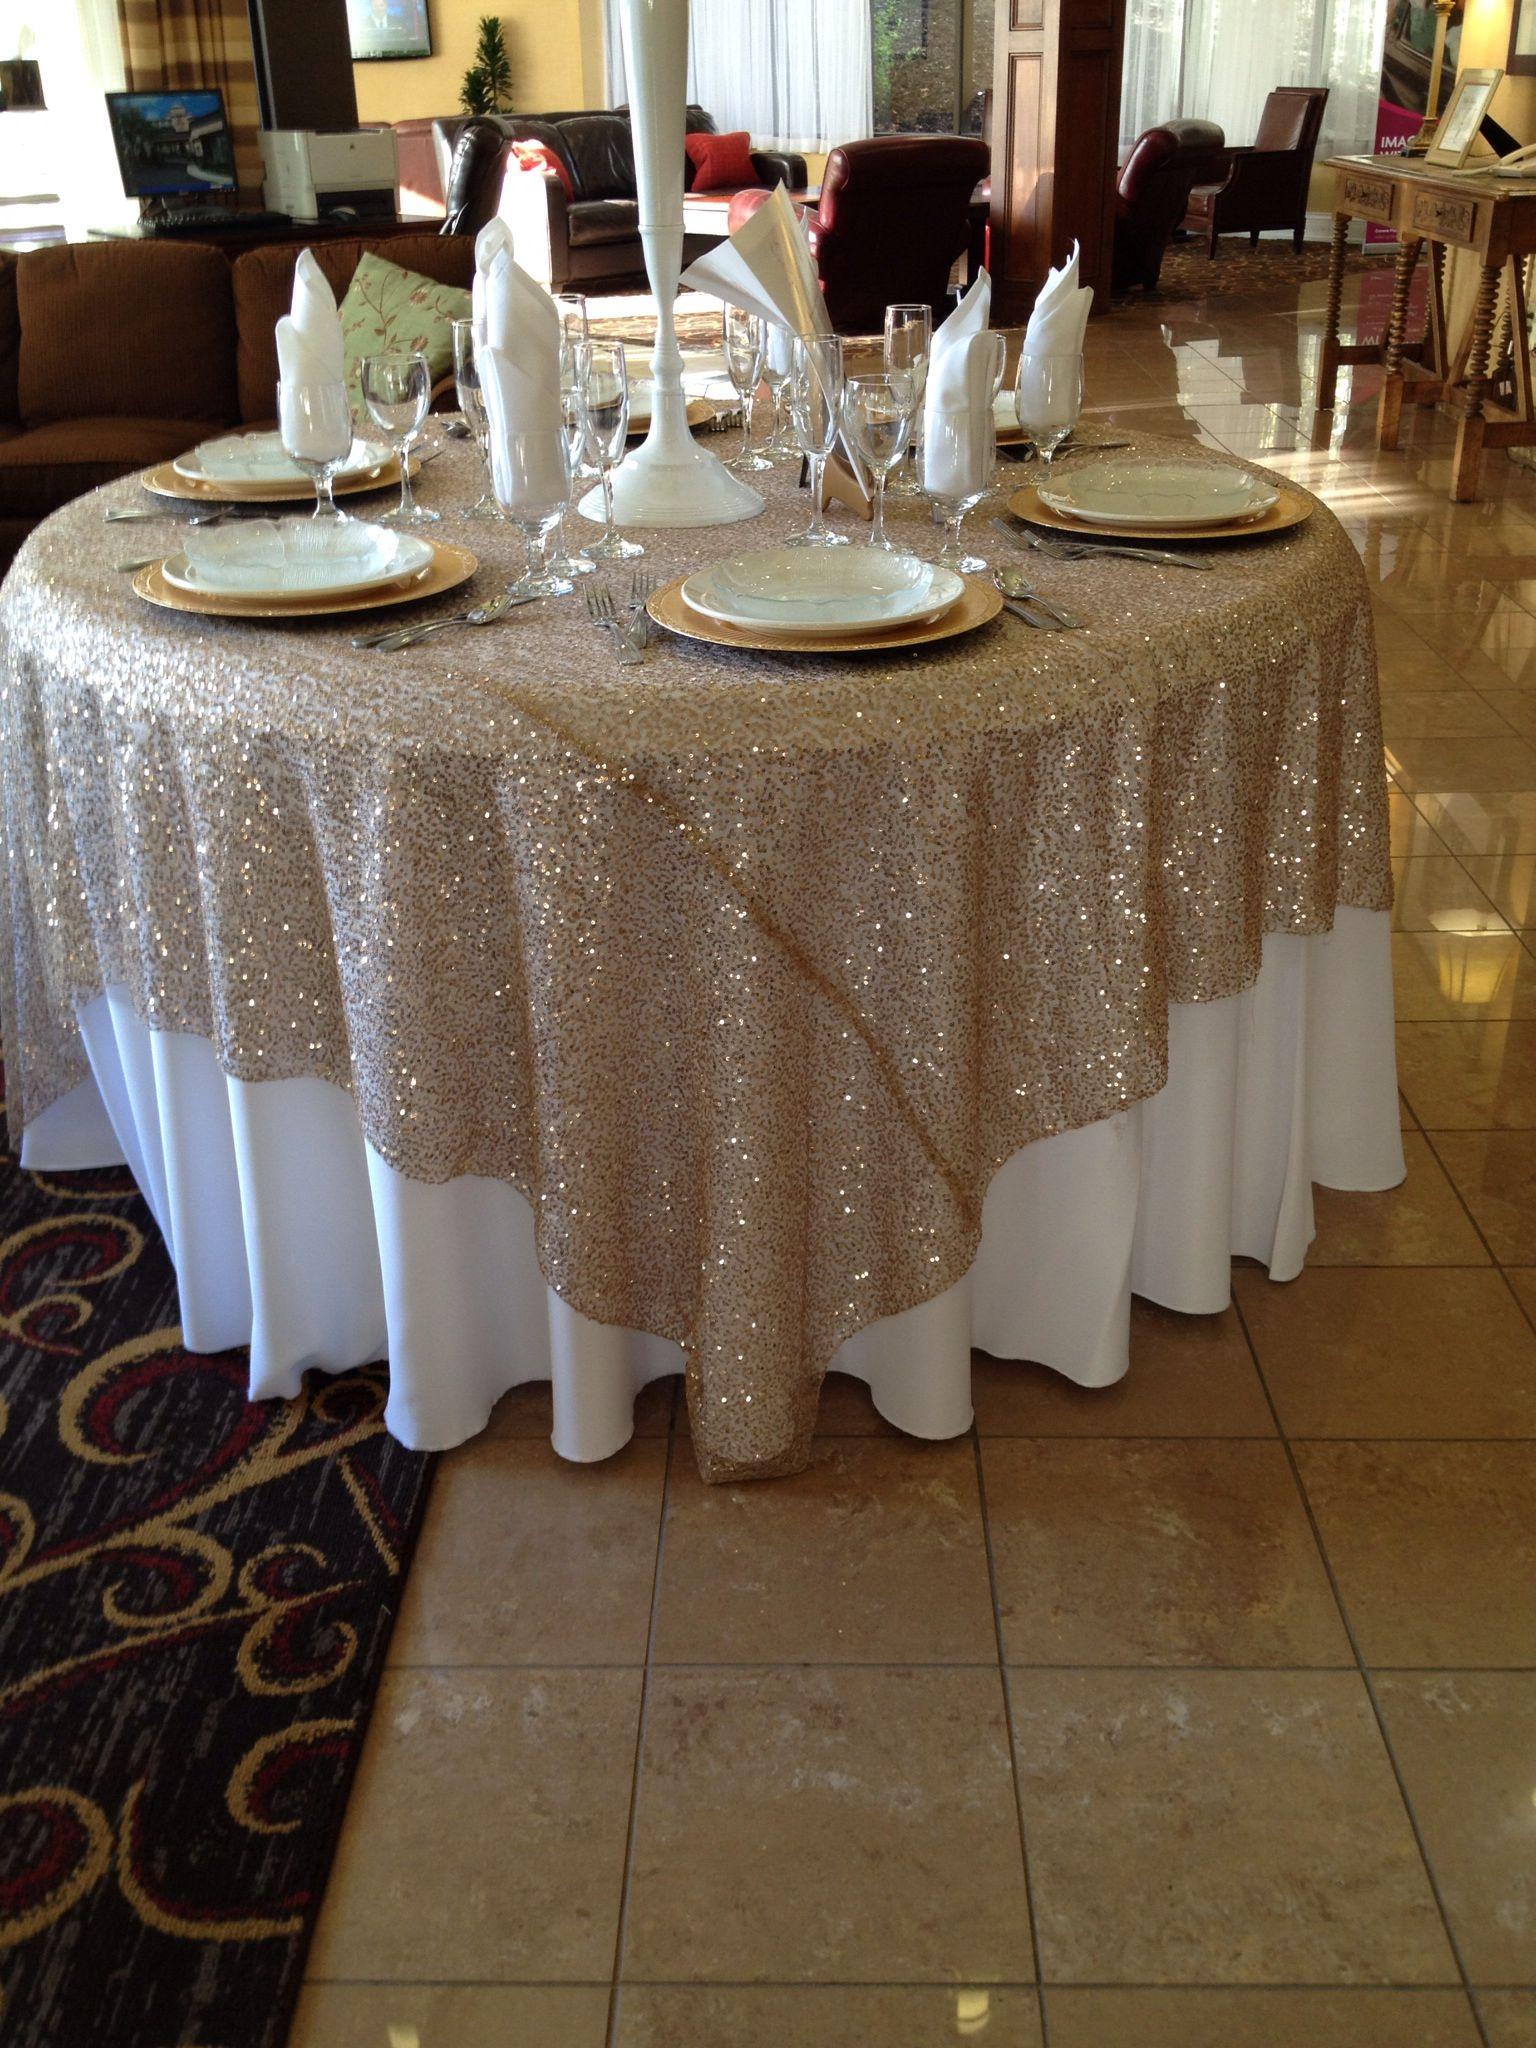 Pin By Kim Gochnaur On Wedding Wedding Table Linens Wedding Table Wedding Tablecloths